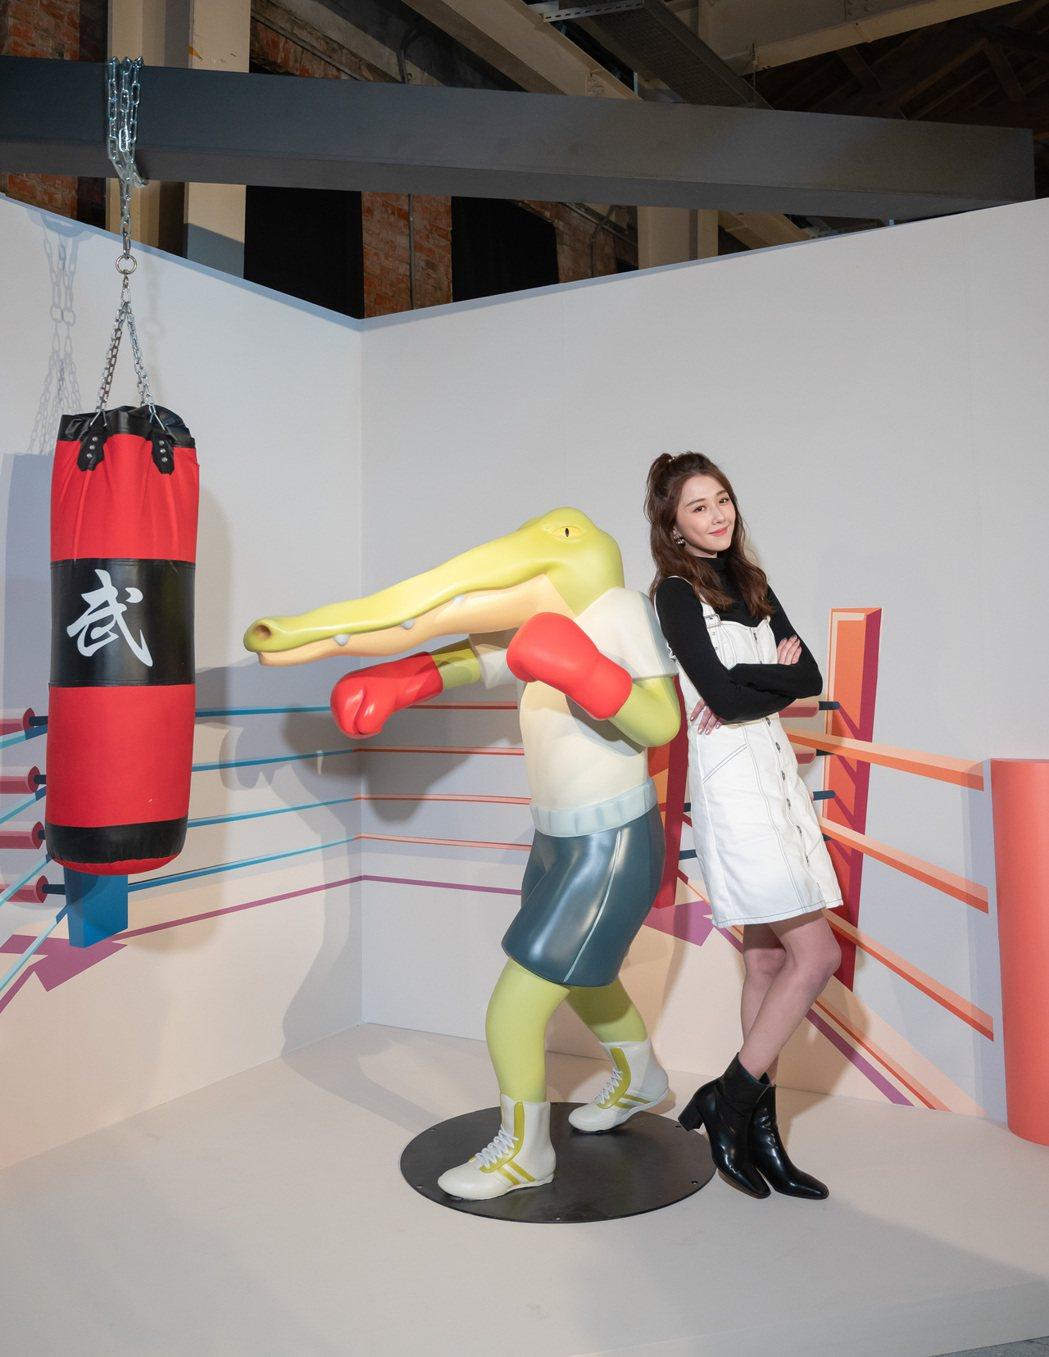 邵雨薇出席「Keigo展-我的生活不可能那麼壞」非常興奮。圖/寬宏提供